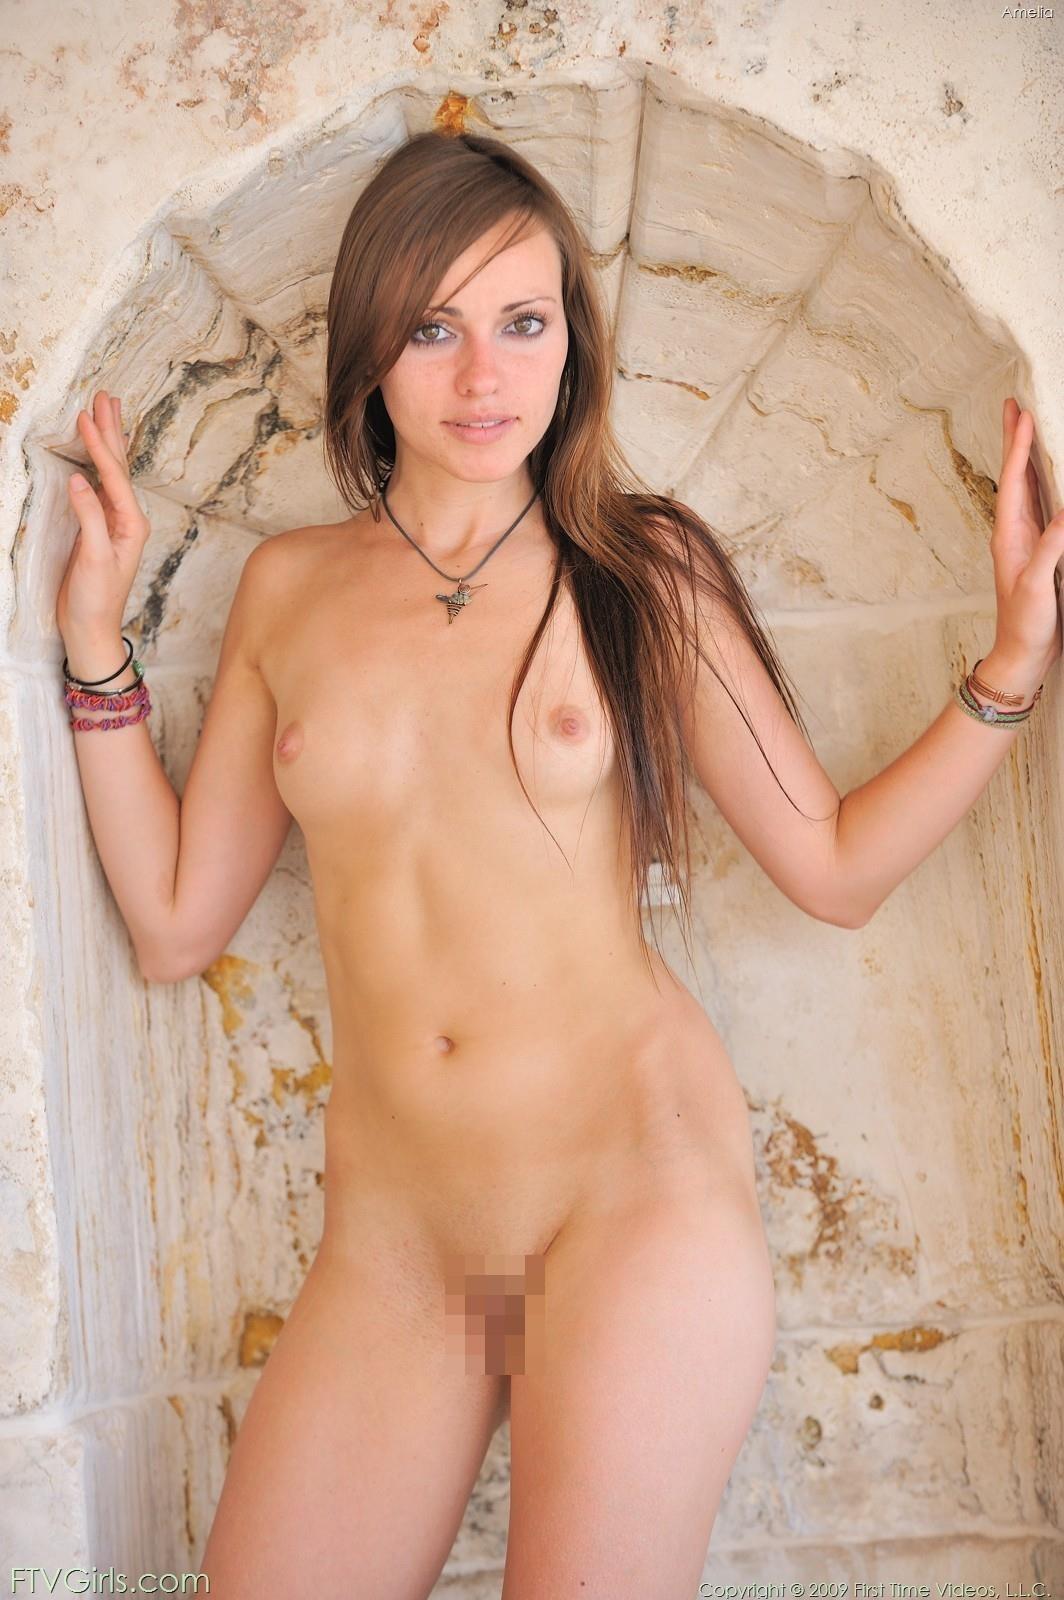 外国人女性の微乳ペチャパイ画像 8